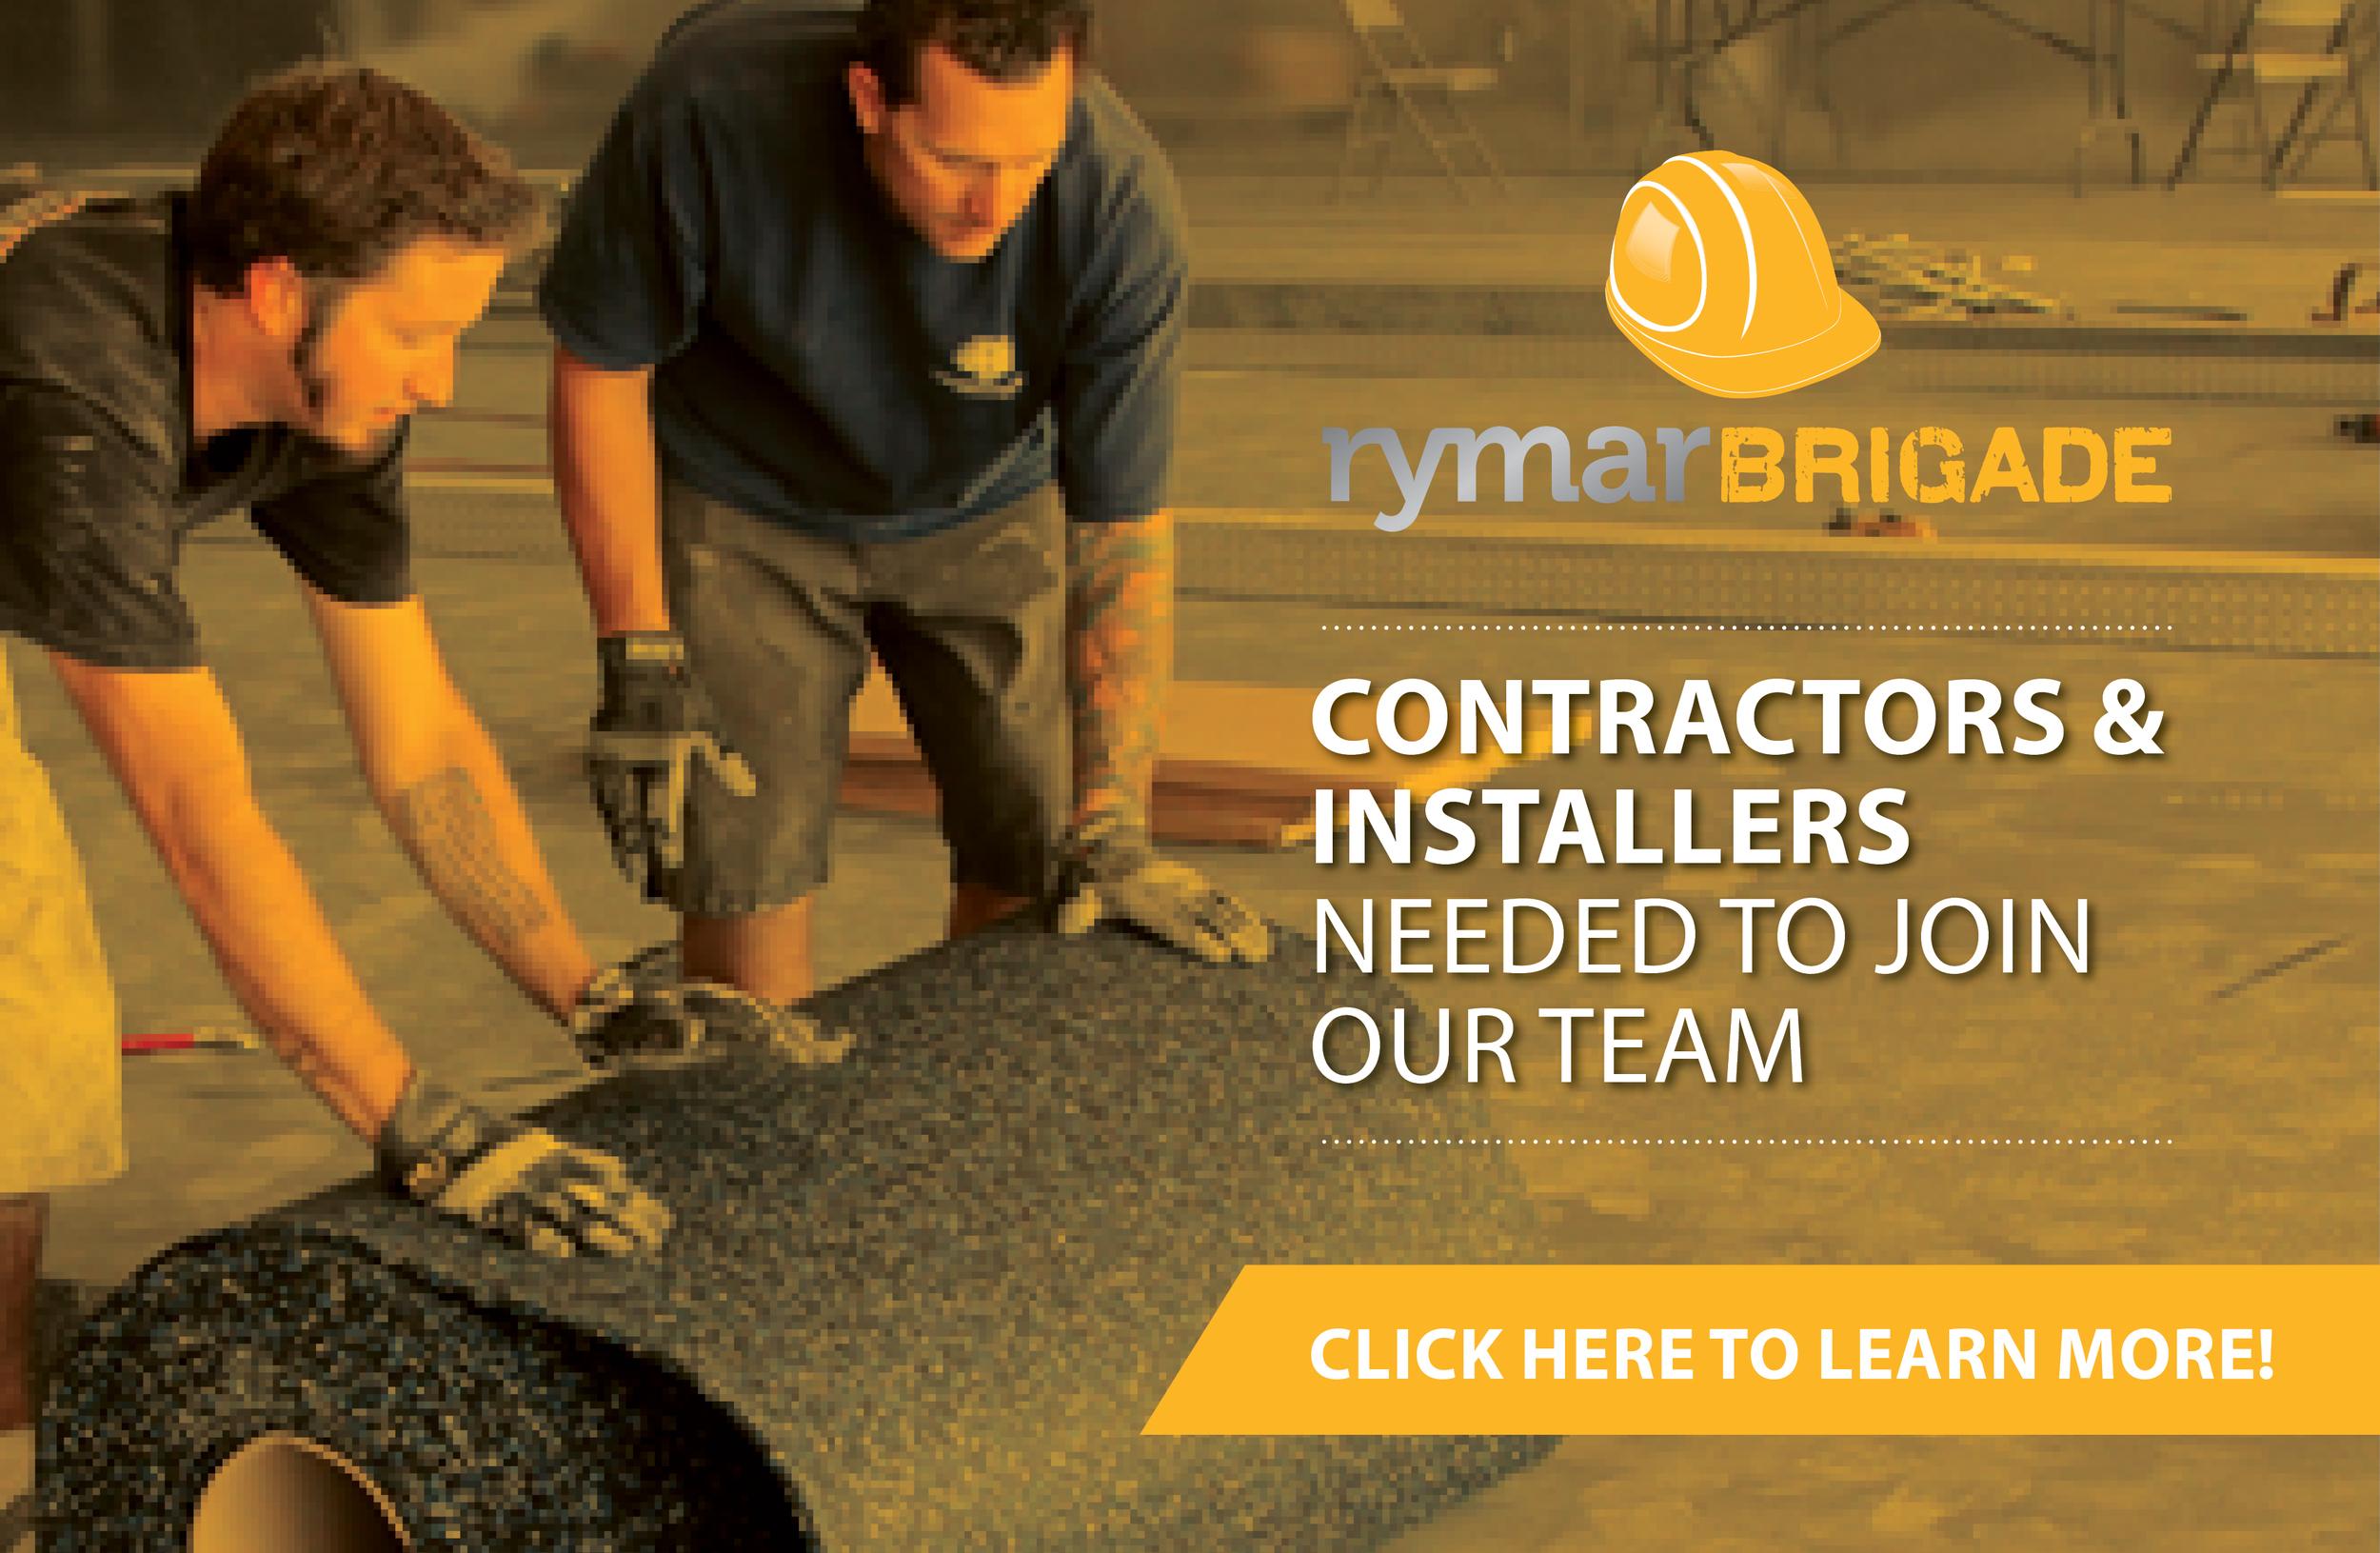 Rymar-Rubber-Brigade-Contractors-Installers-Needed